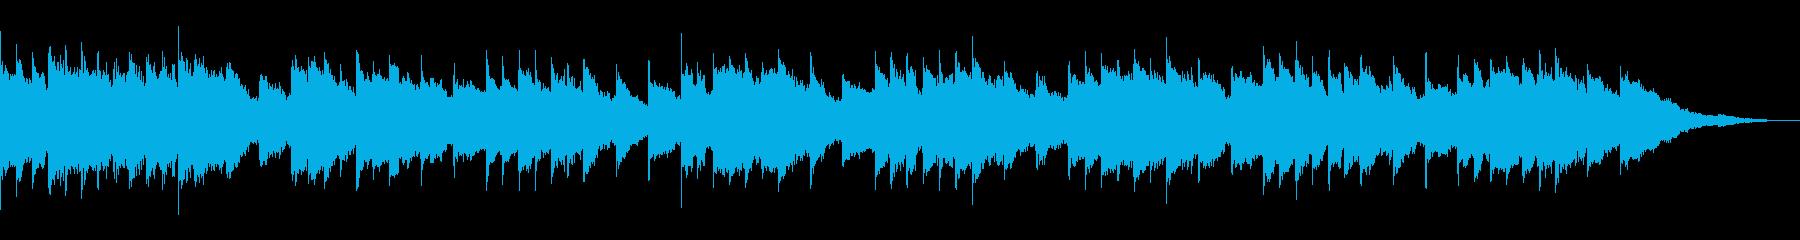 せつなく可愛いほんわかオルゴールの再生済みの波形